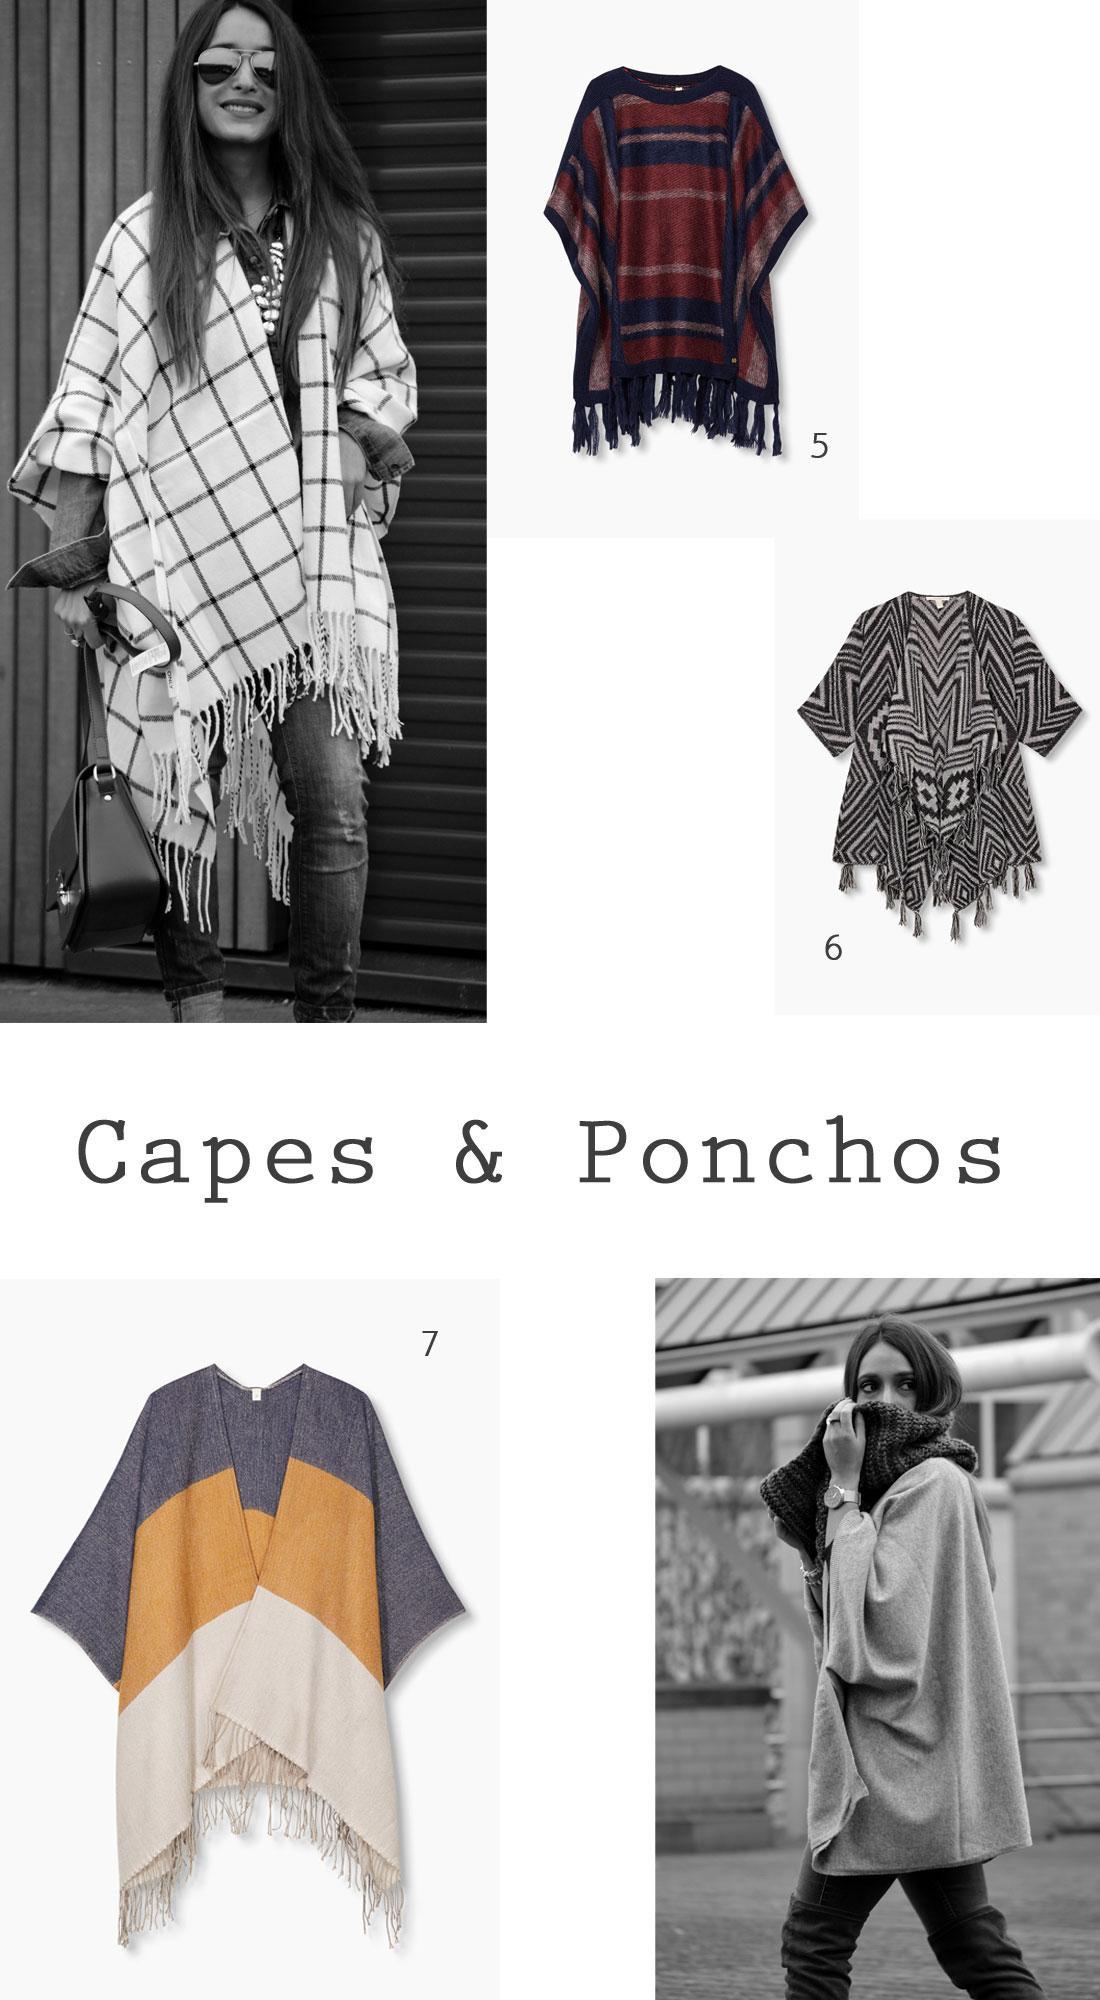 capes-ponchos